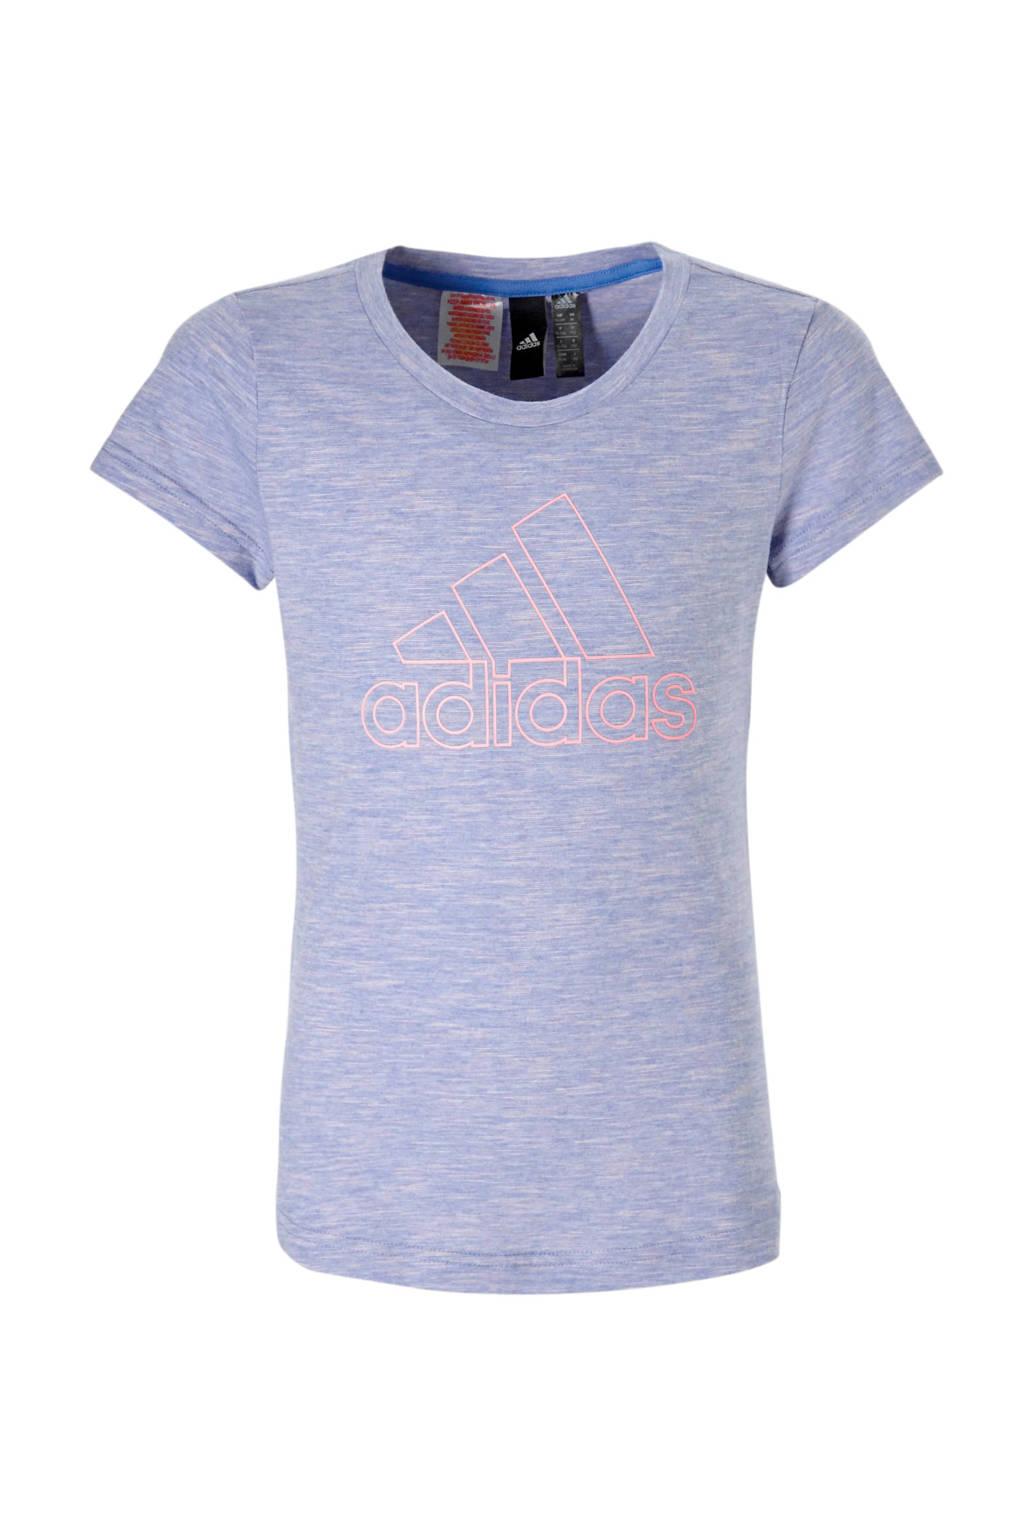 adidas performance sport T-shirt lichtblauw/roze, Lichtblauw/roze melange